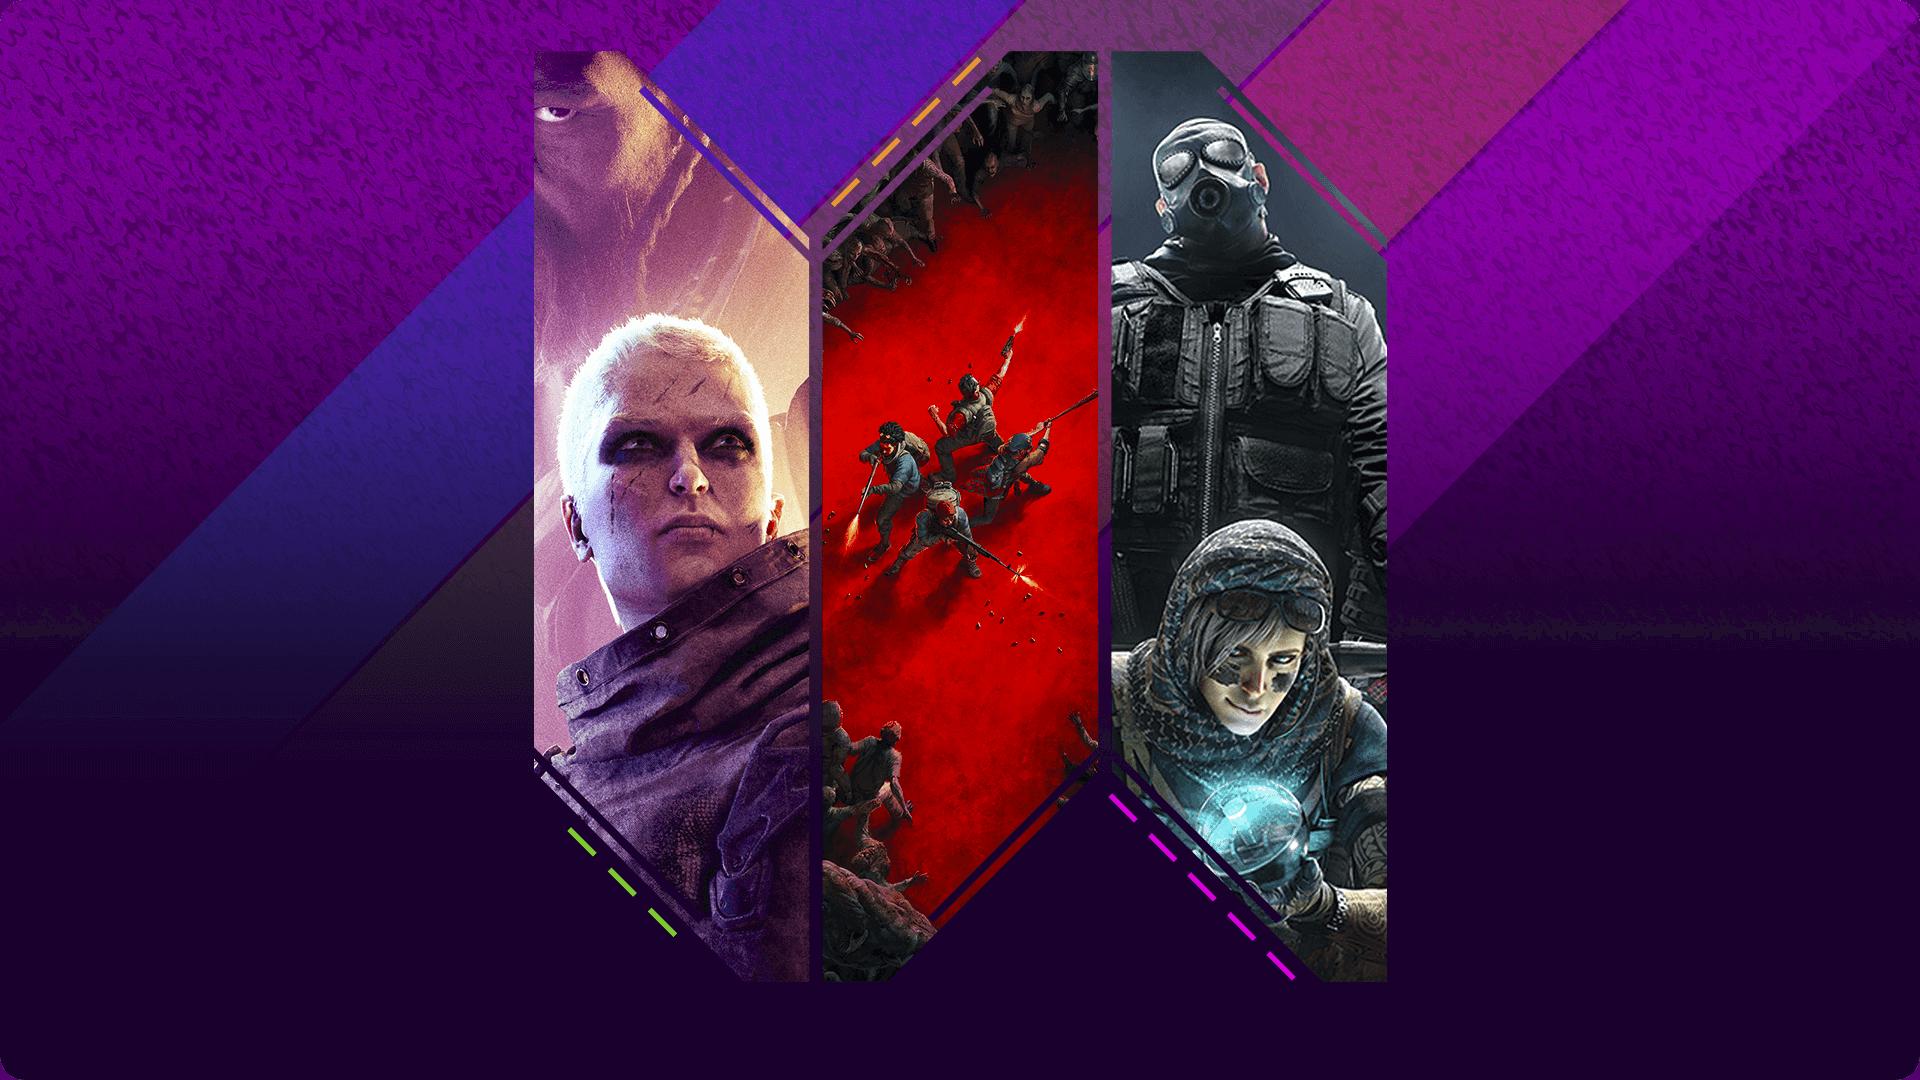 团队射击游戏买家指南宣传海报